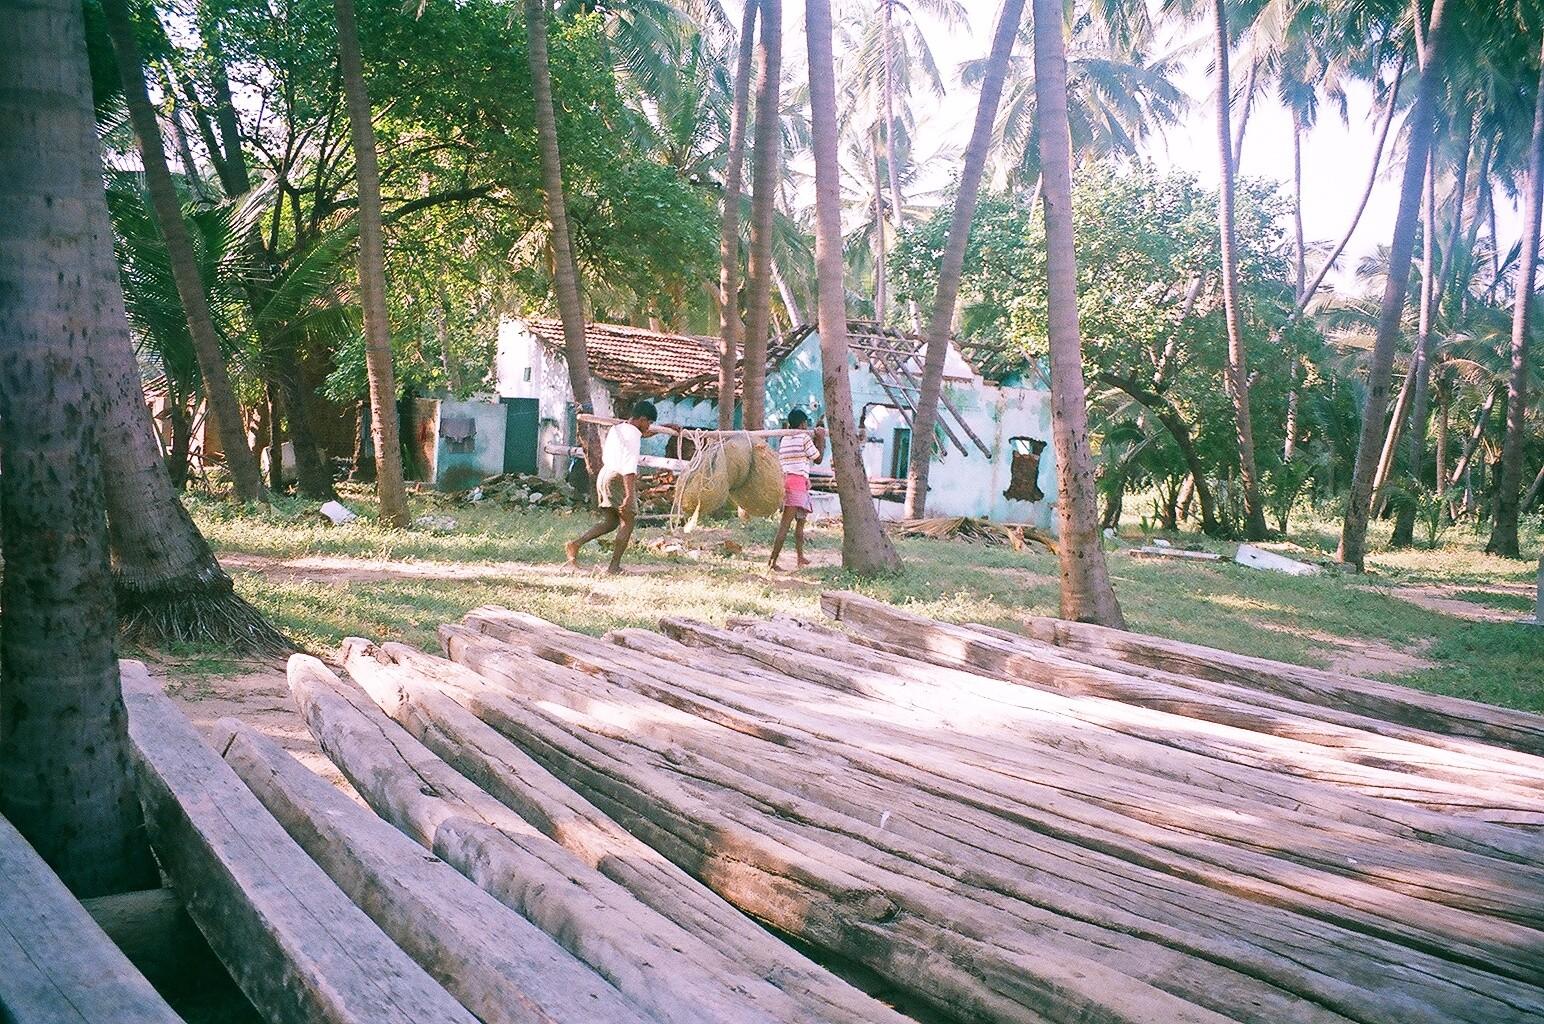 Décembre 2005 - Thazhankuda - Le bois des catamarans sont détachés et séchés avant la nouvelle pêche